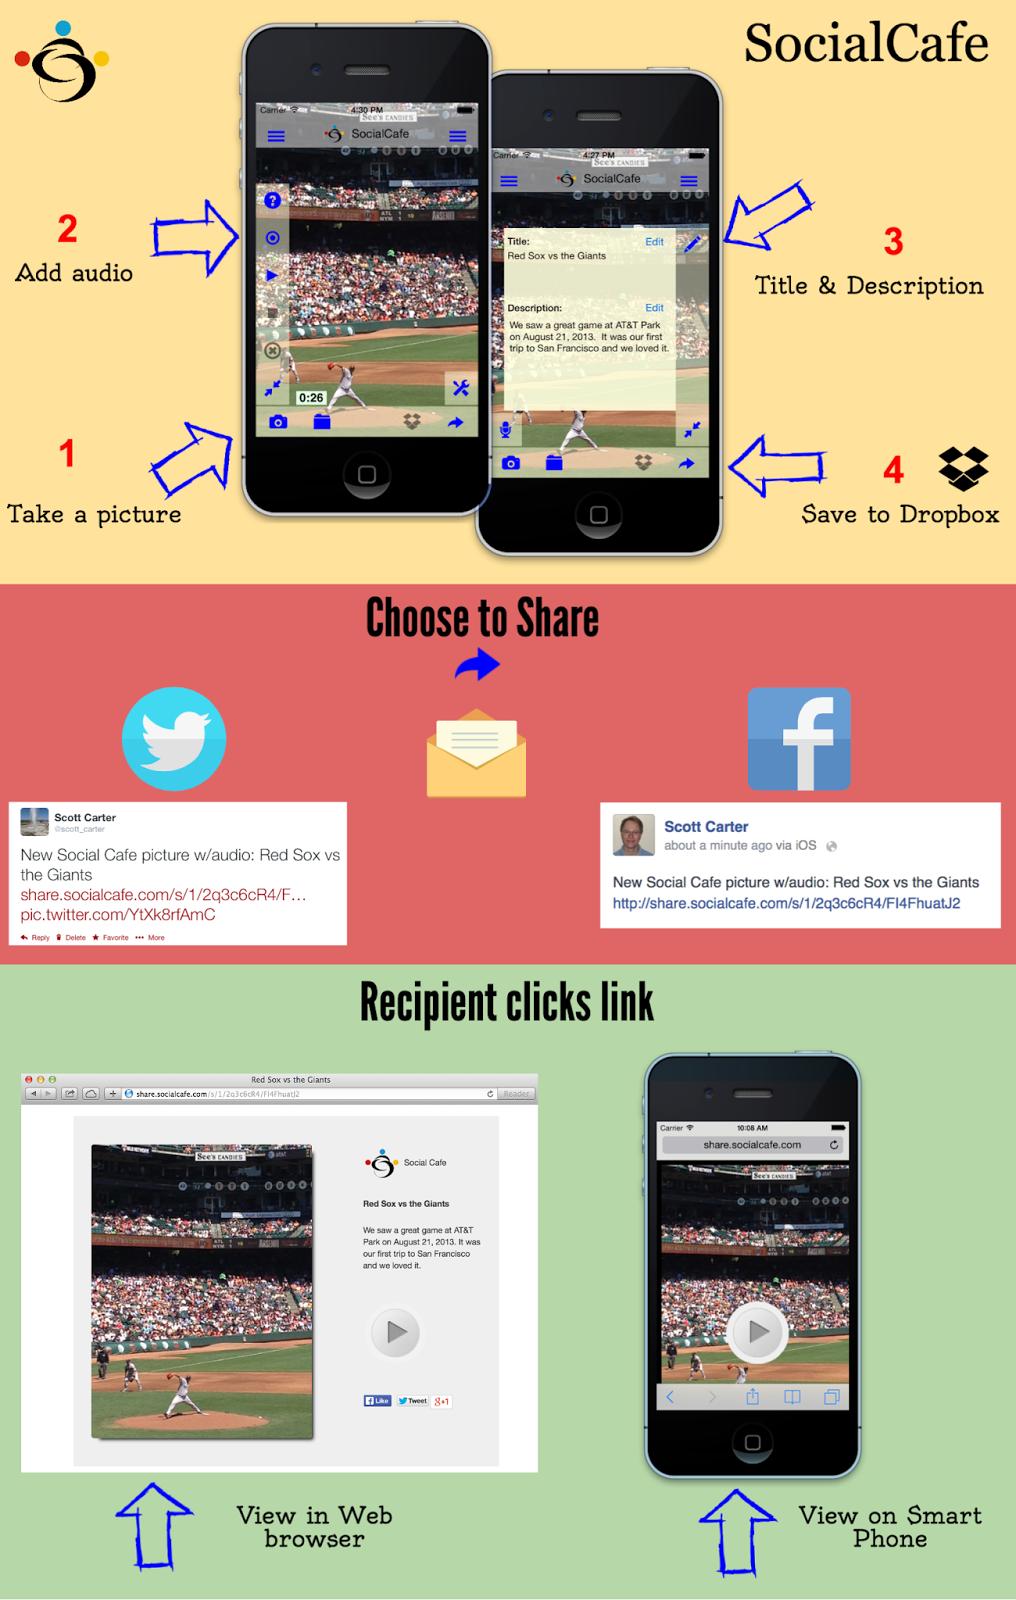 SocialCafe app steps